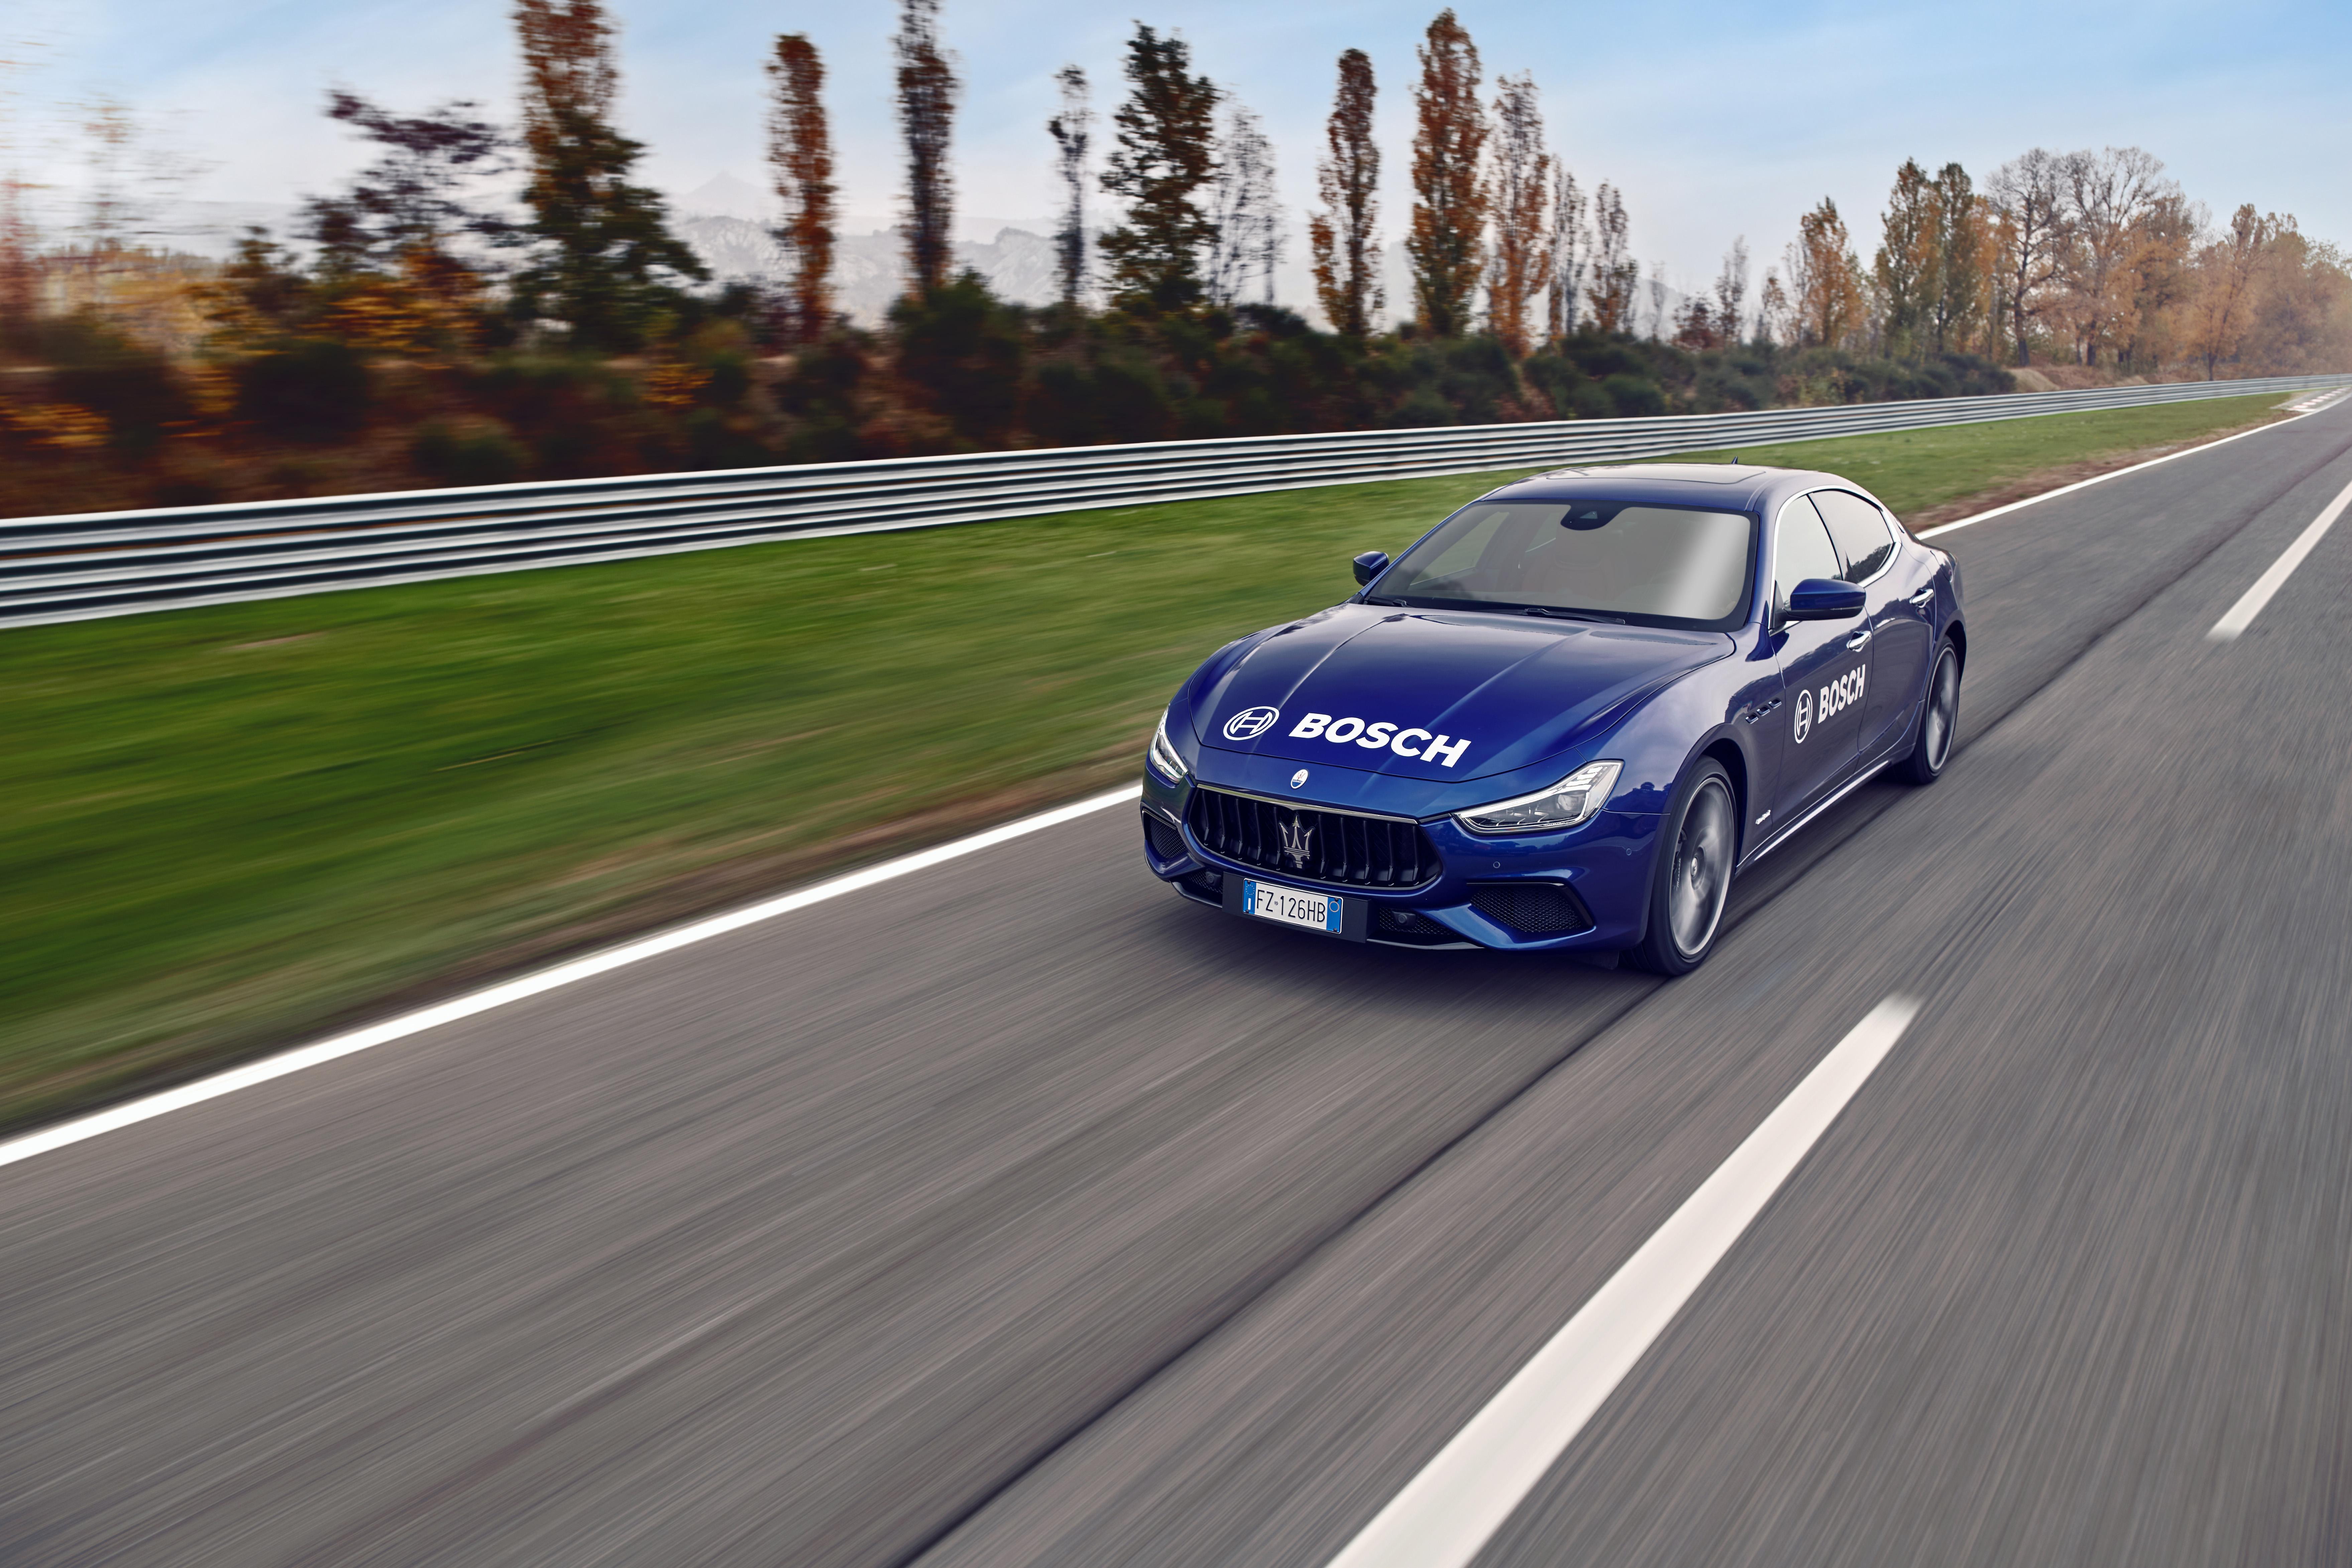 Bosch for Maserati Ghibli Hybrid_04